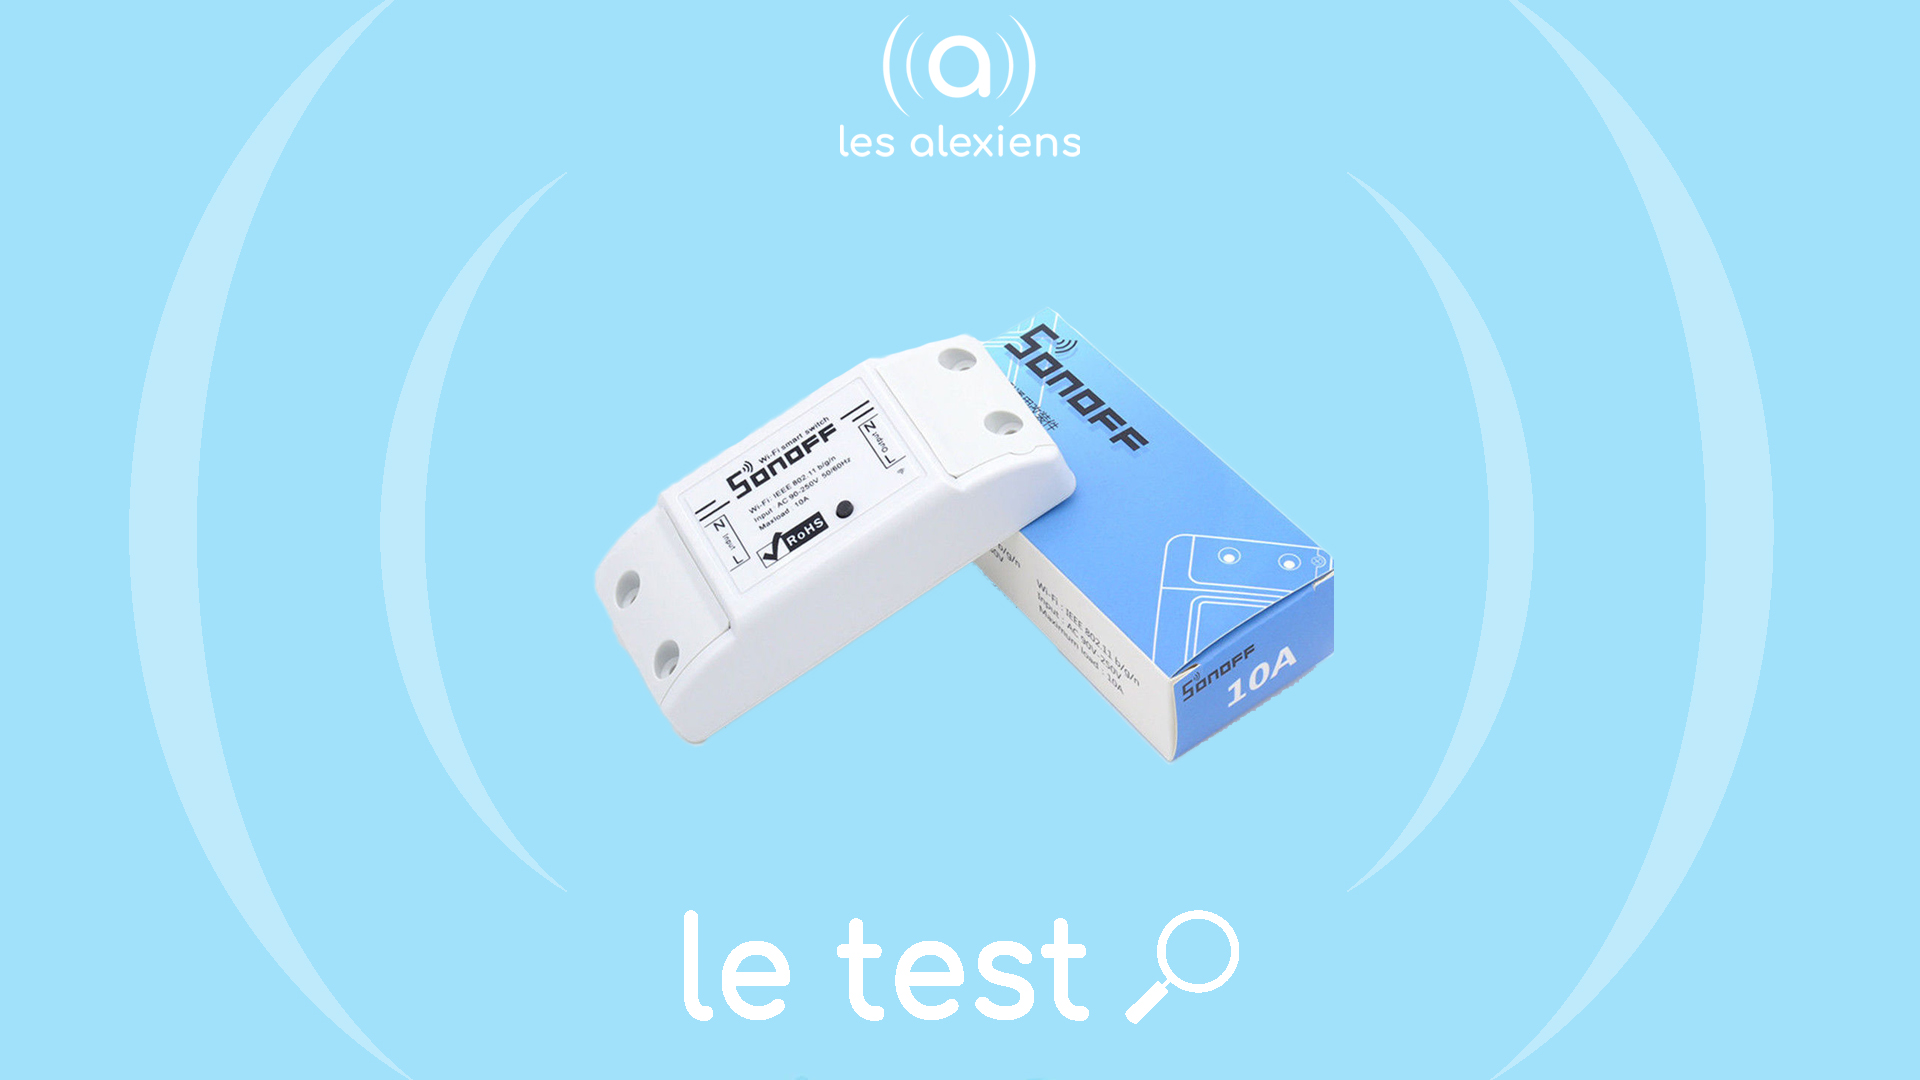 [TEST] Sonoff Basic Wi-Fi : un interrupteur connecté polyvalent – Les  Alexiens : actualités Alexa et tests d'objets connectés